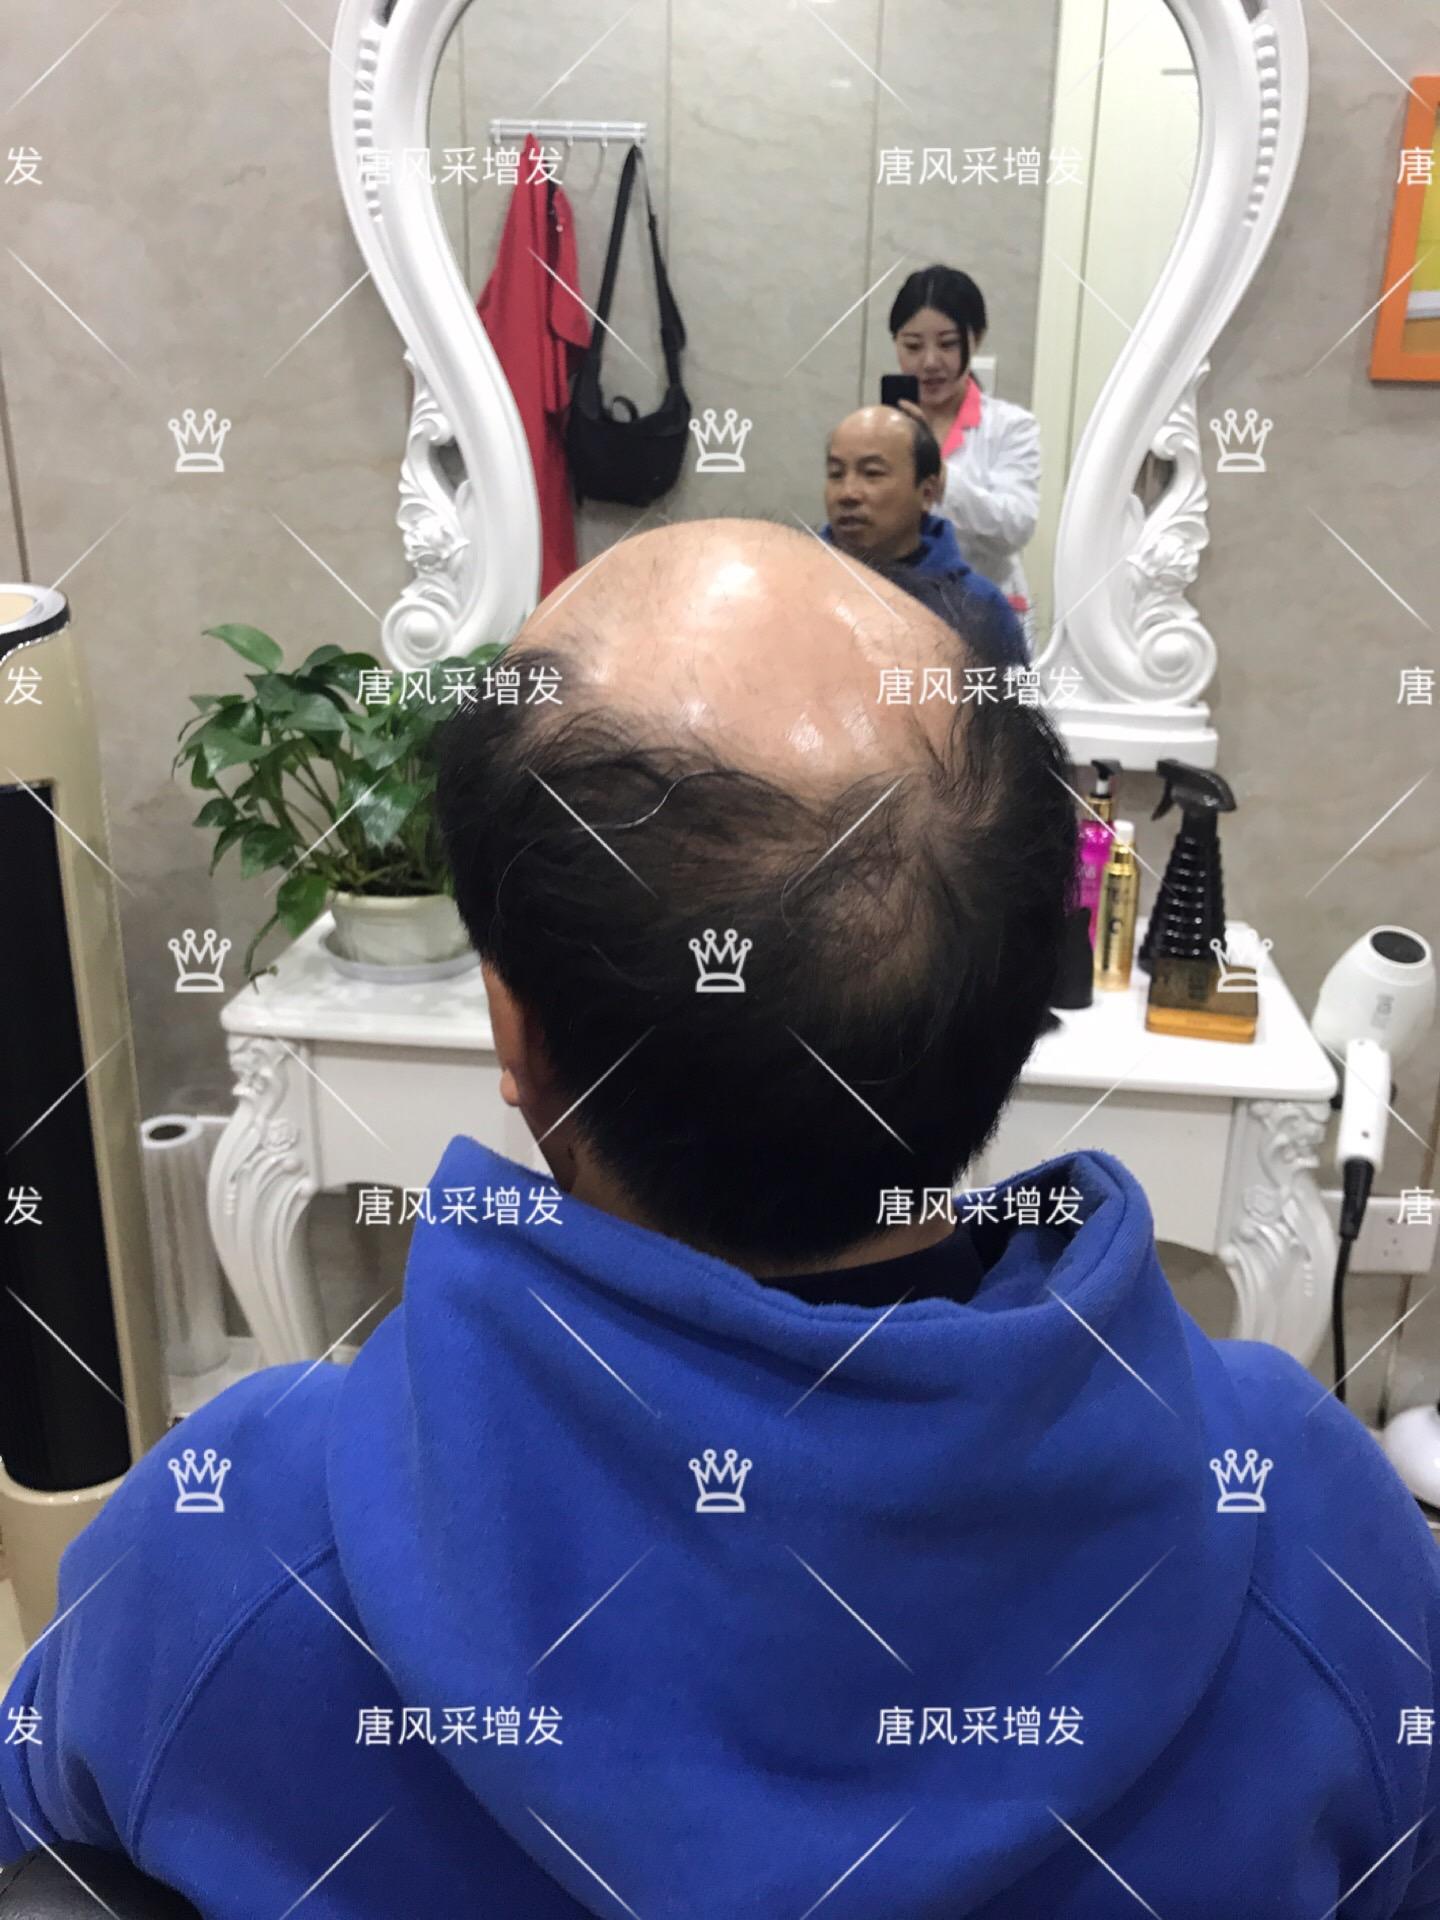 不比不知道,一比吓一跳,快过来看看哥在唐风采做的头发